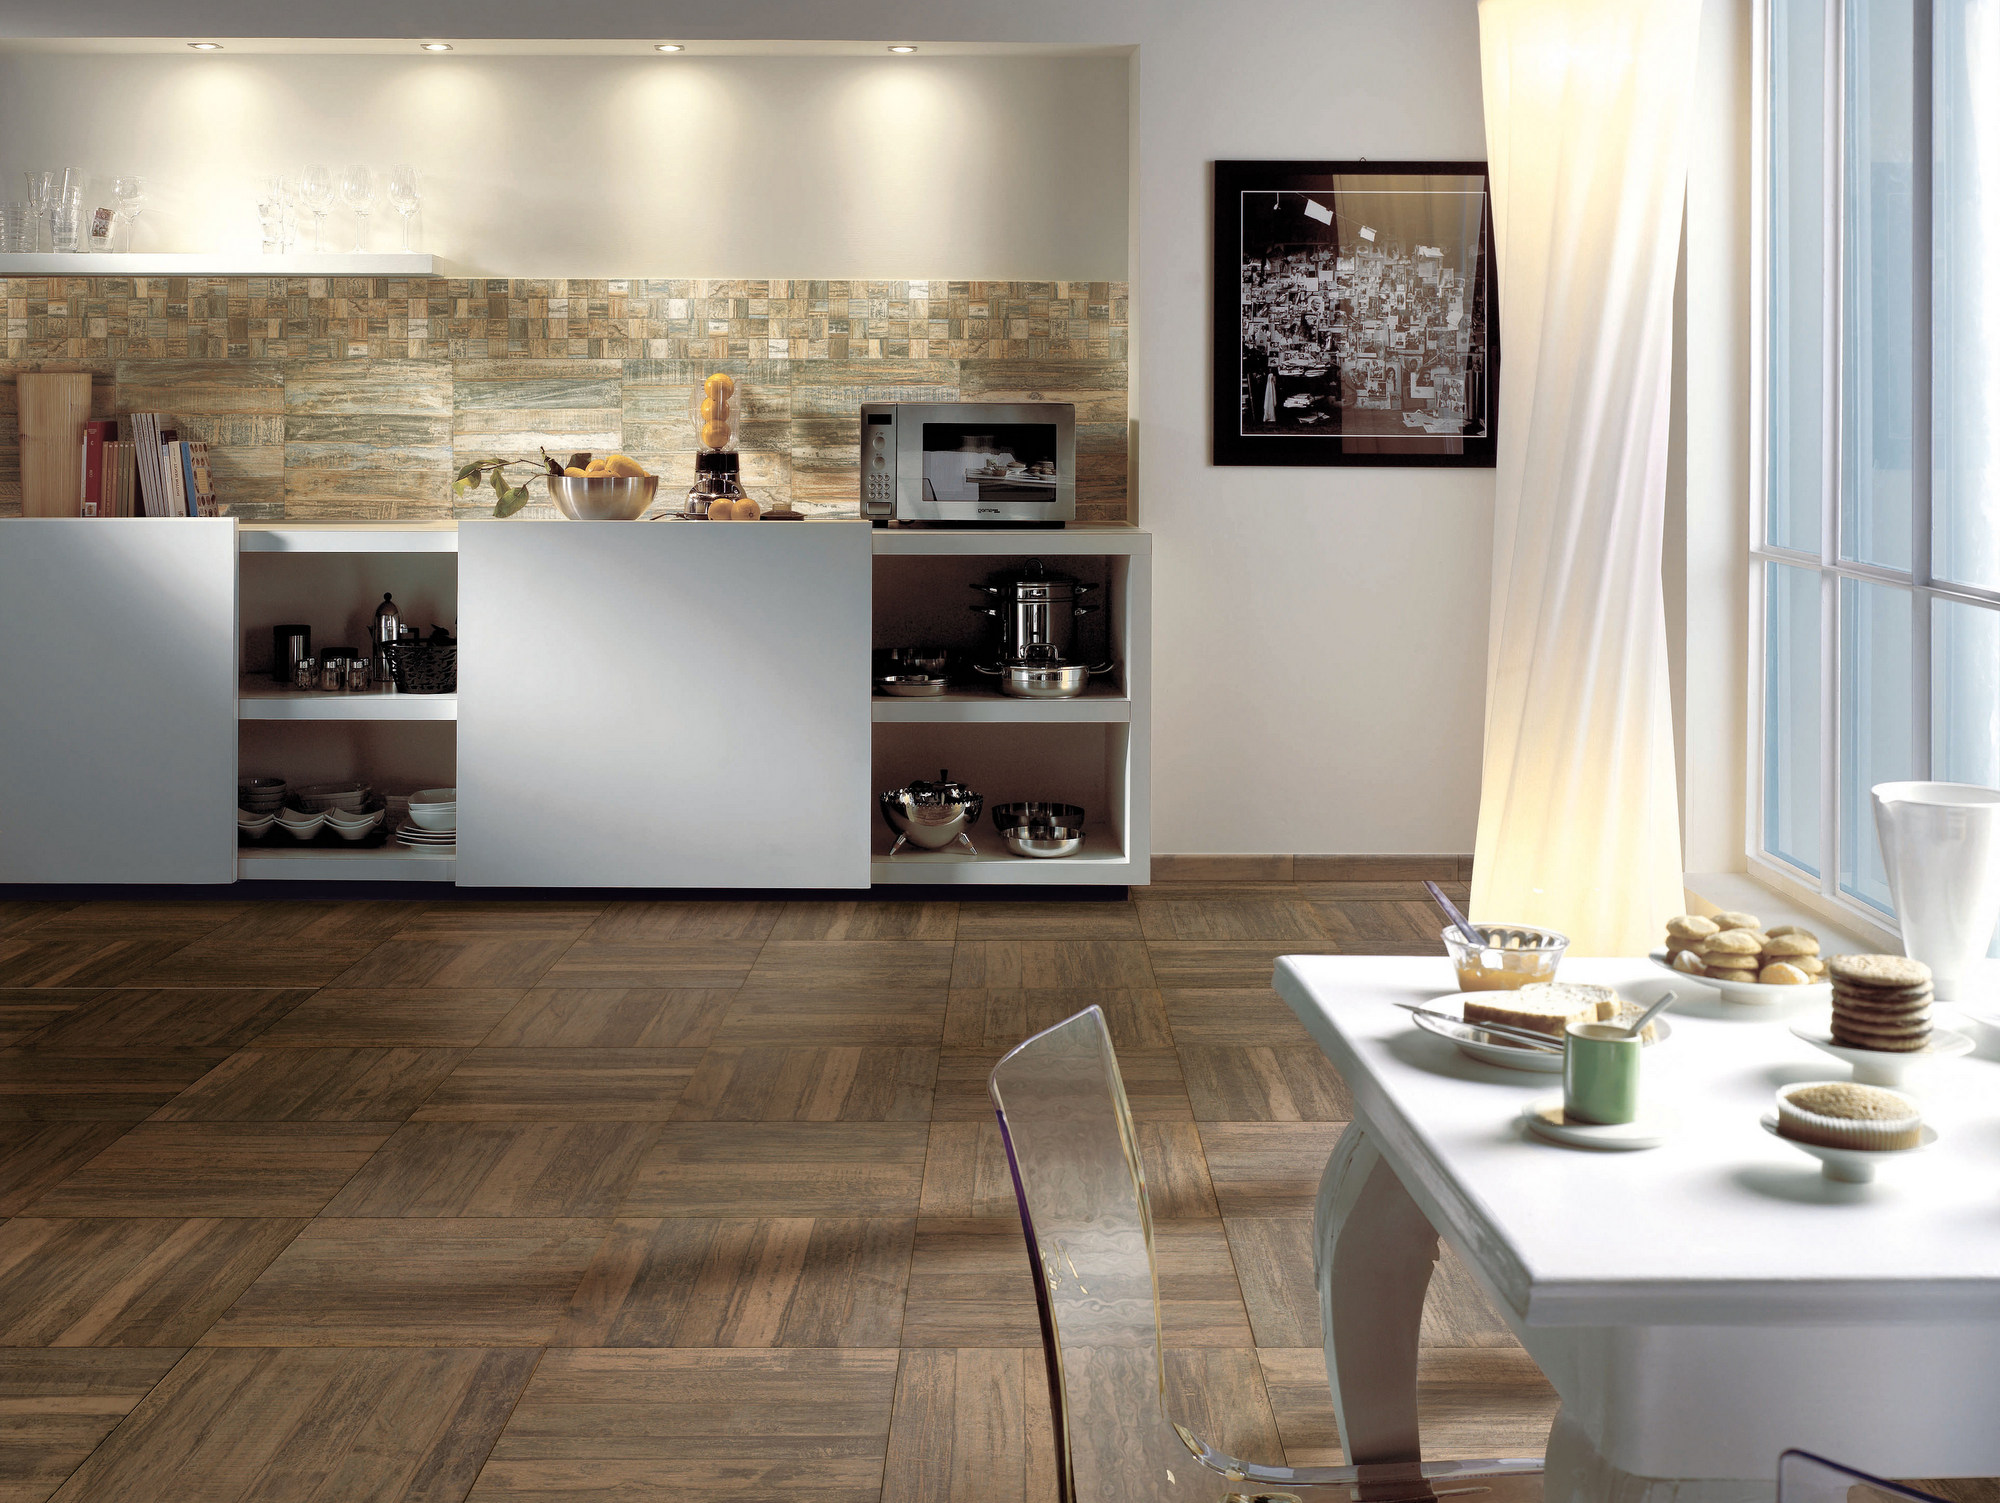 Pavimenti in finta pietra per interni - Rivestimento cucina effetto legno ...